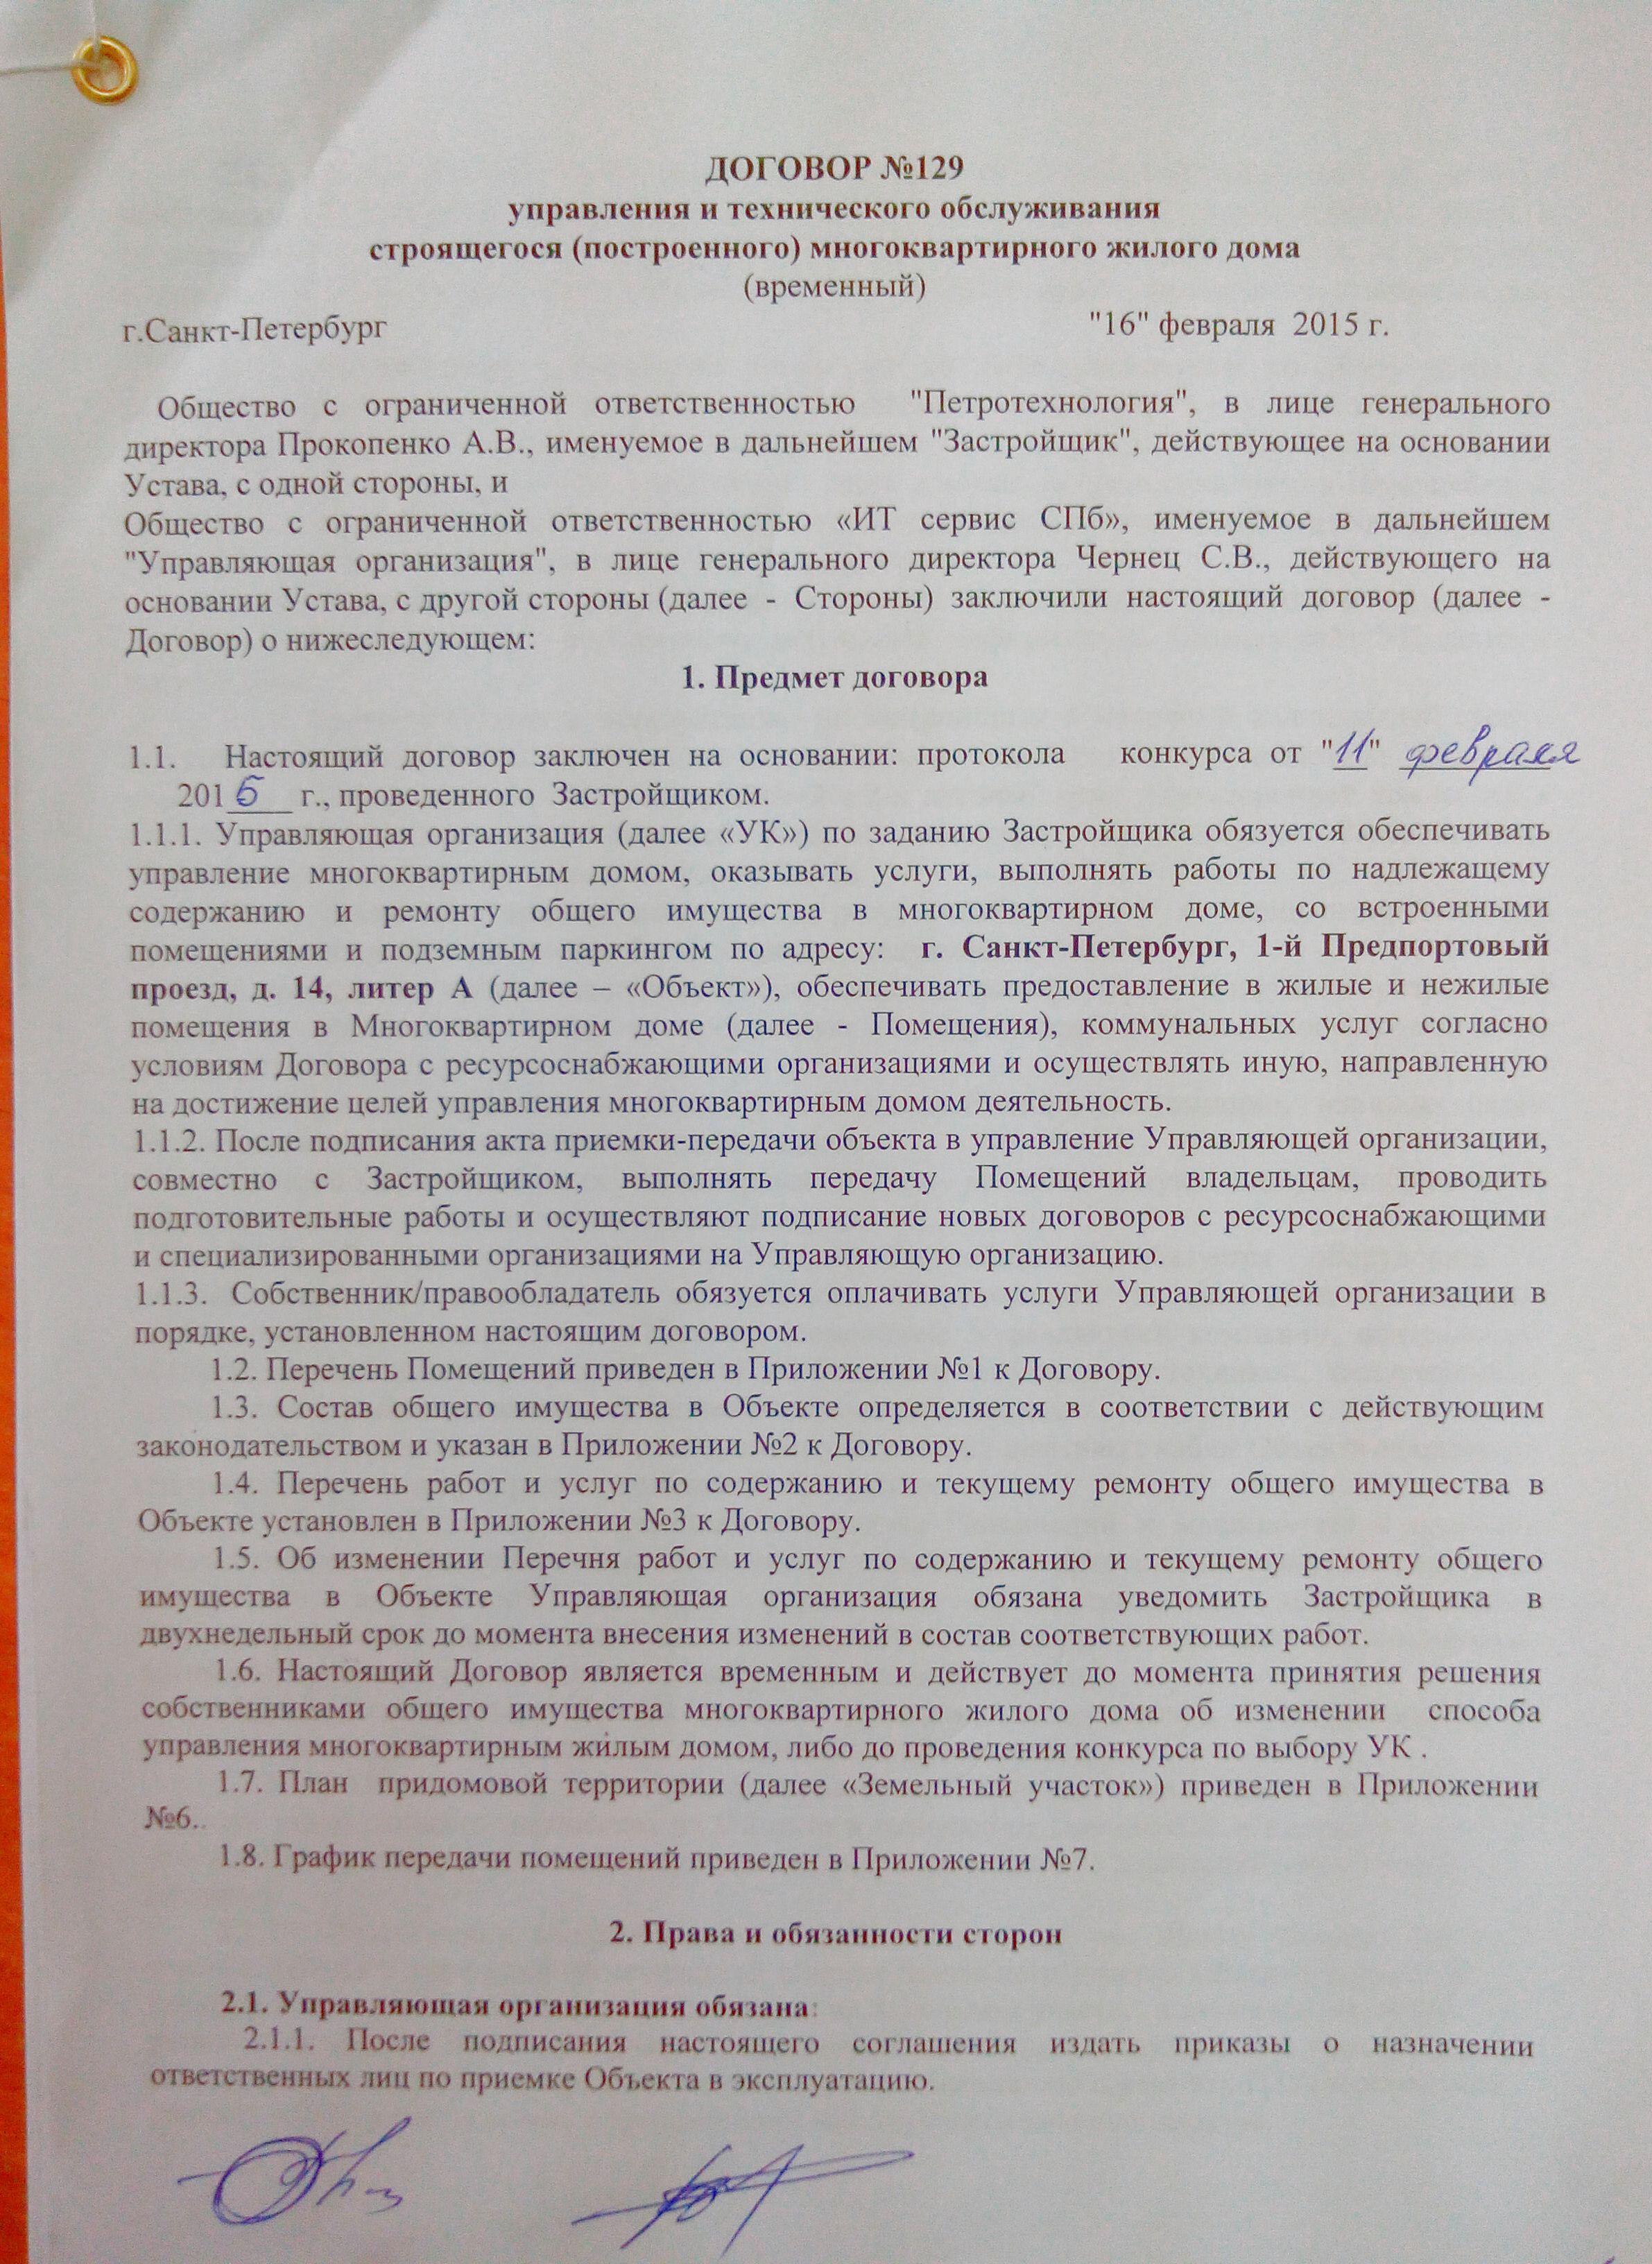 служители Перечень документов при передаче многоквартирного дома вдалеке